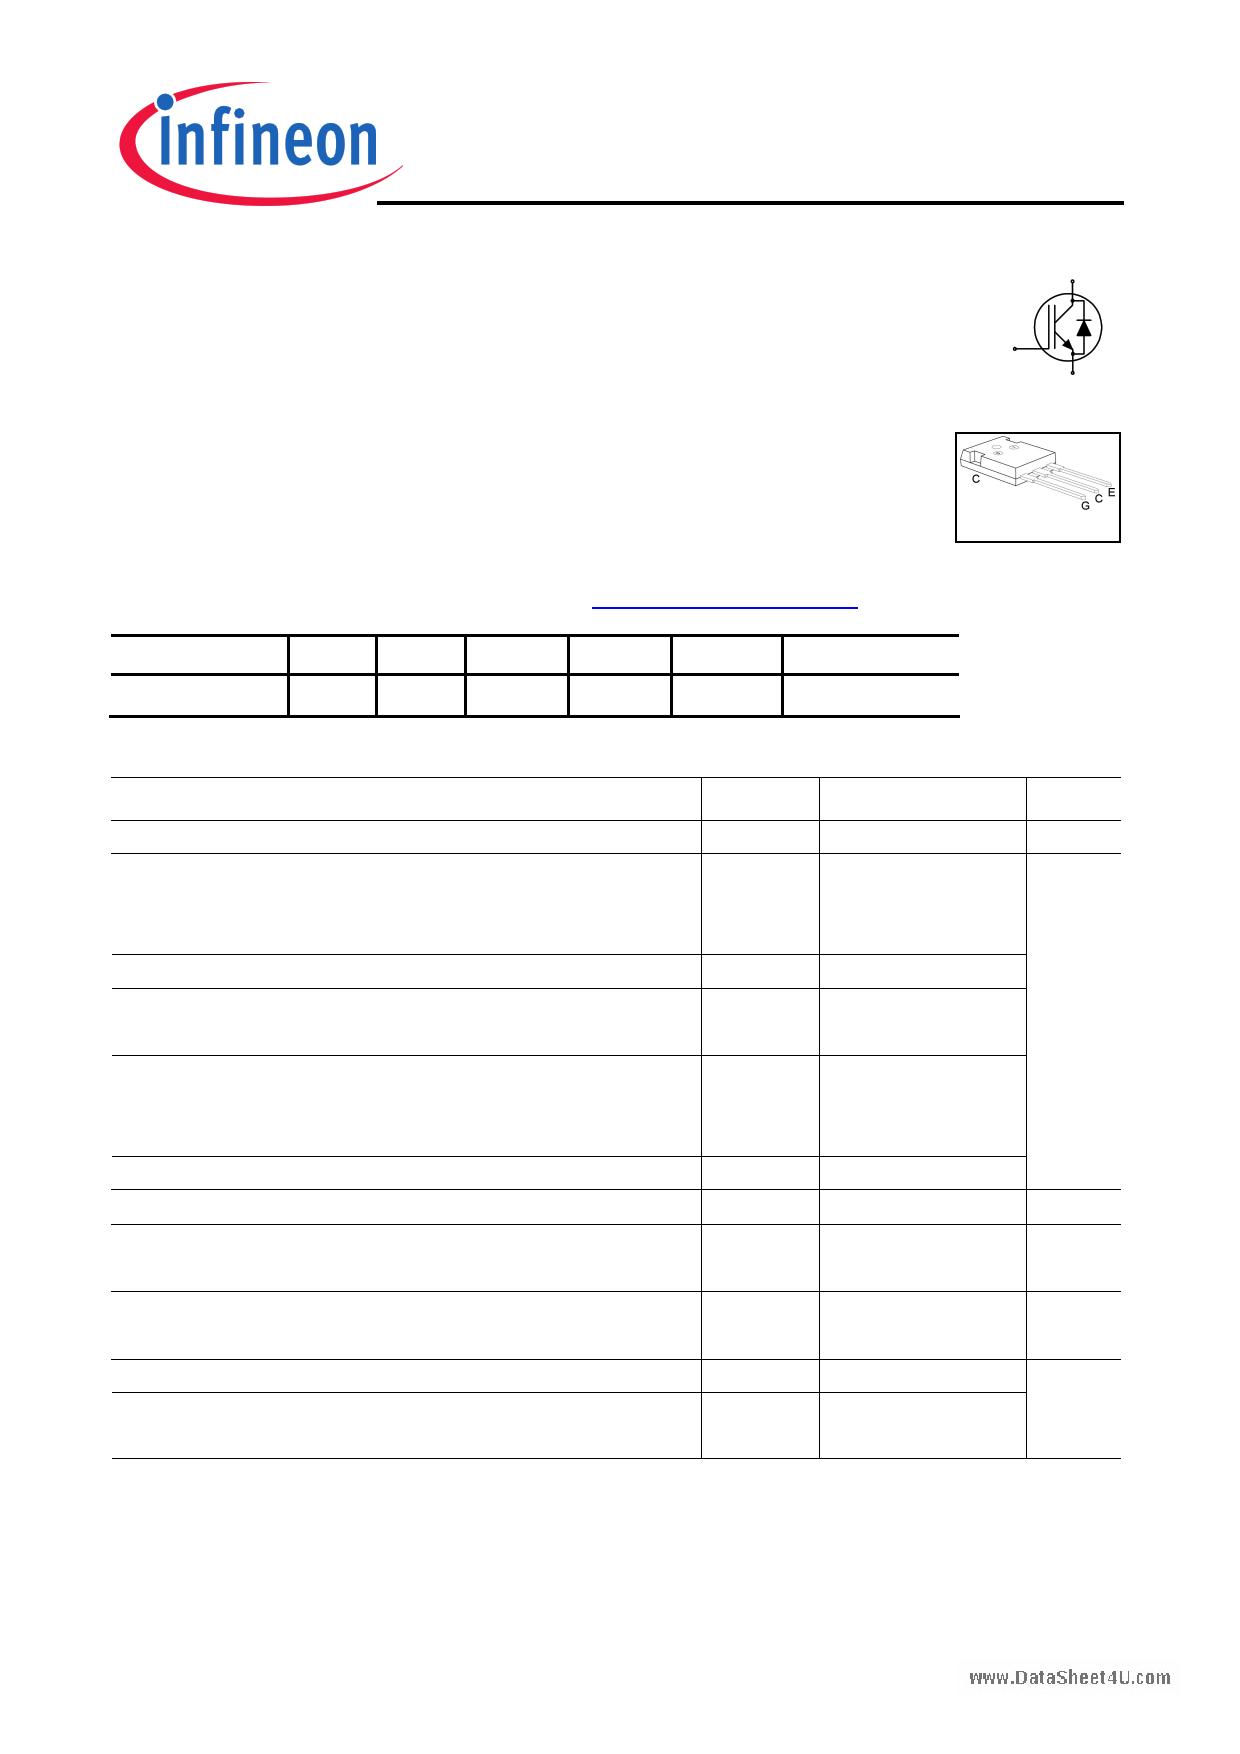 K07N120 datasheet